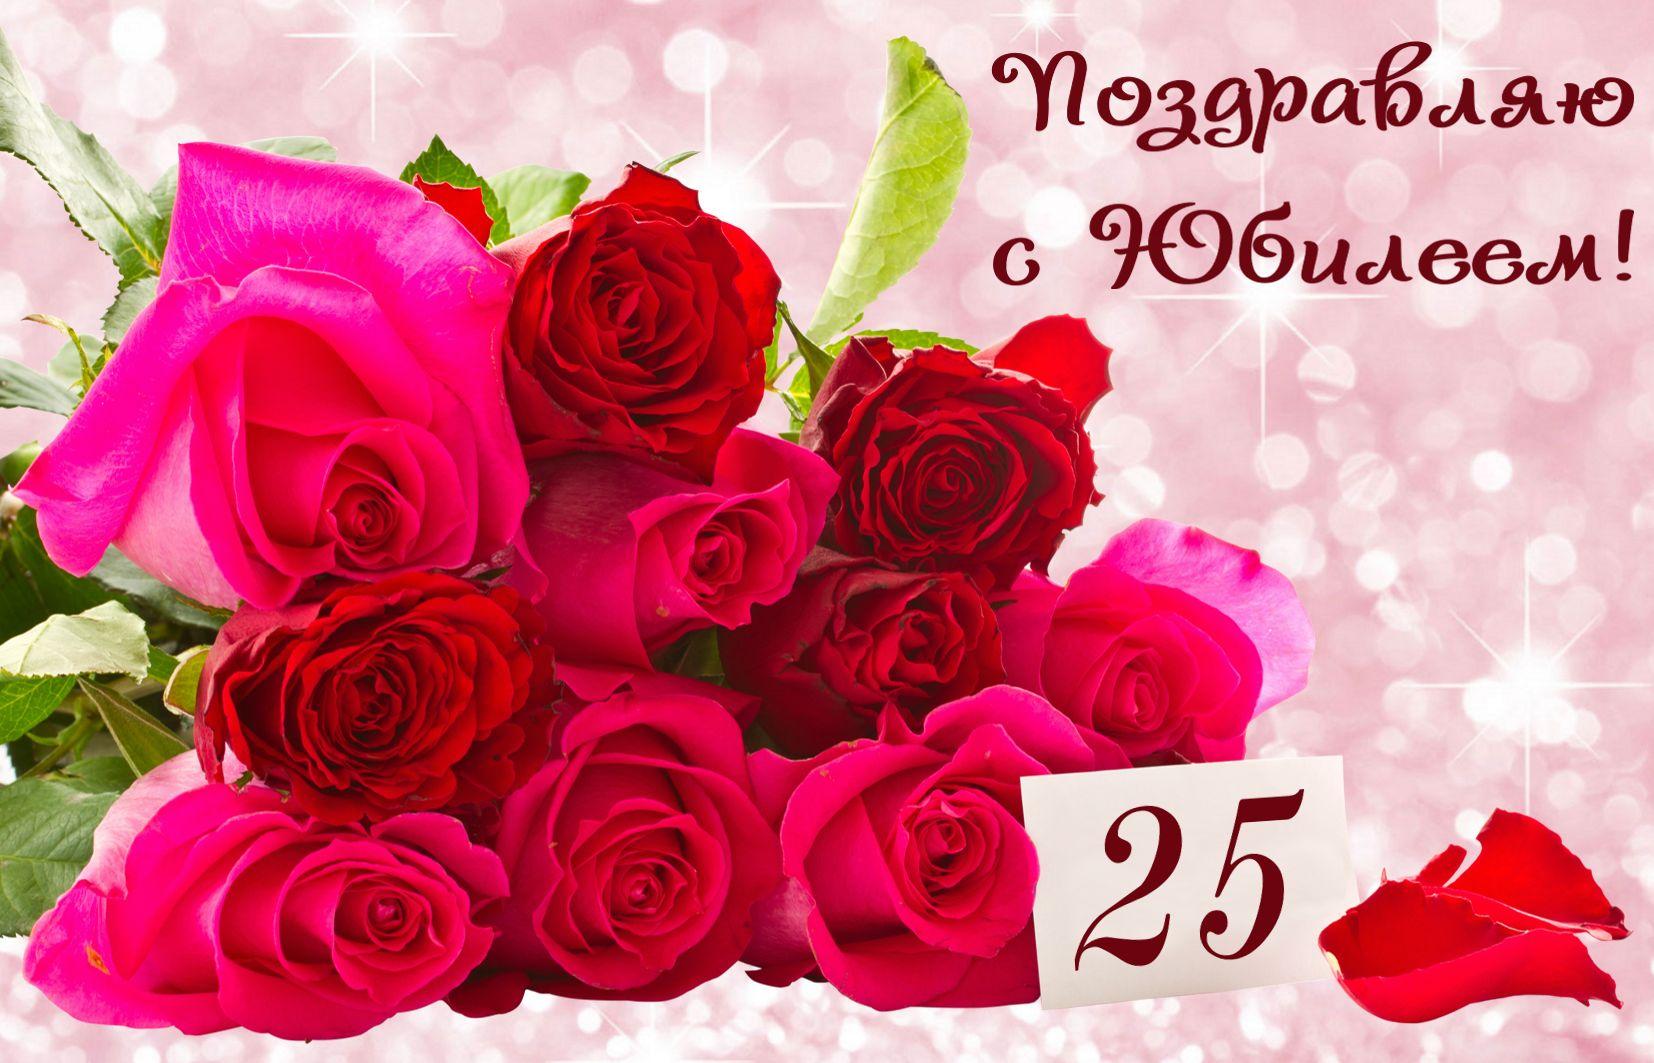 Красивая открытка, картинка с Днём рождения, с юбилеем на 25 лет. Красивый букет девушке на юбилей. Красные розы. Поздравляю с Юбилеем!